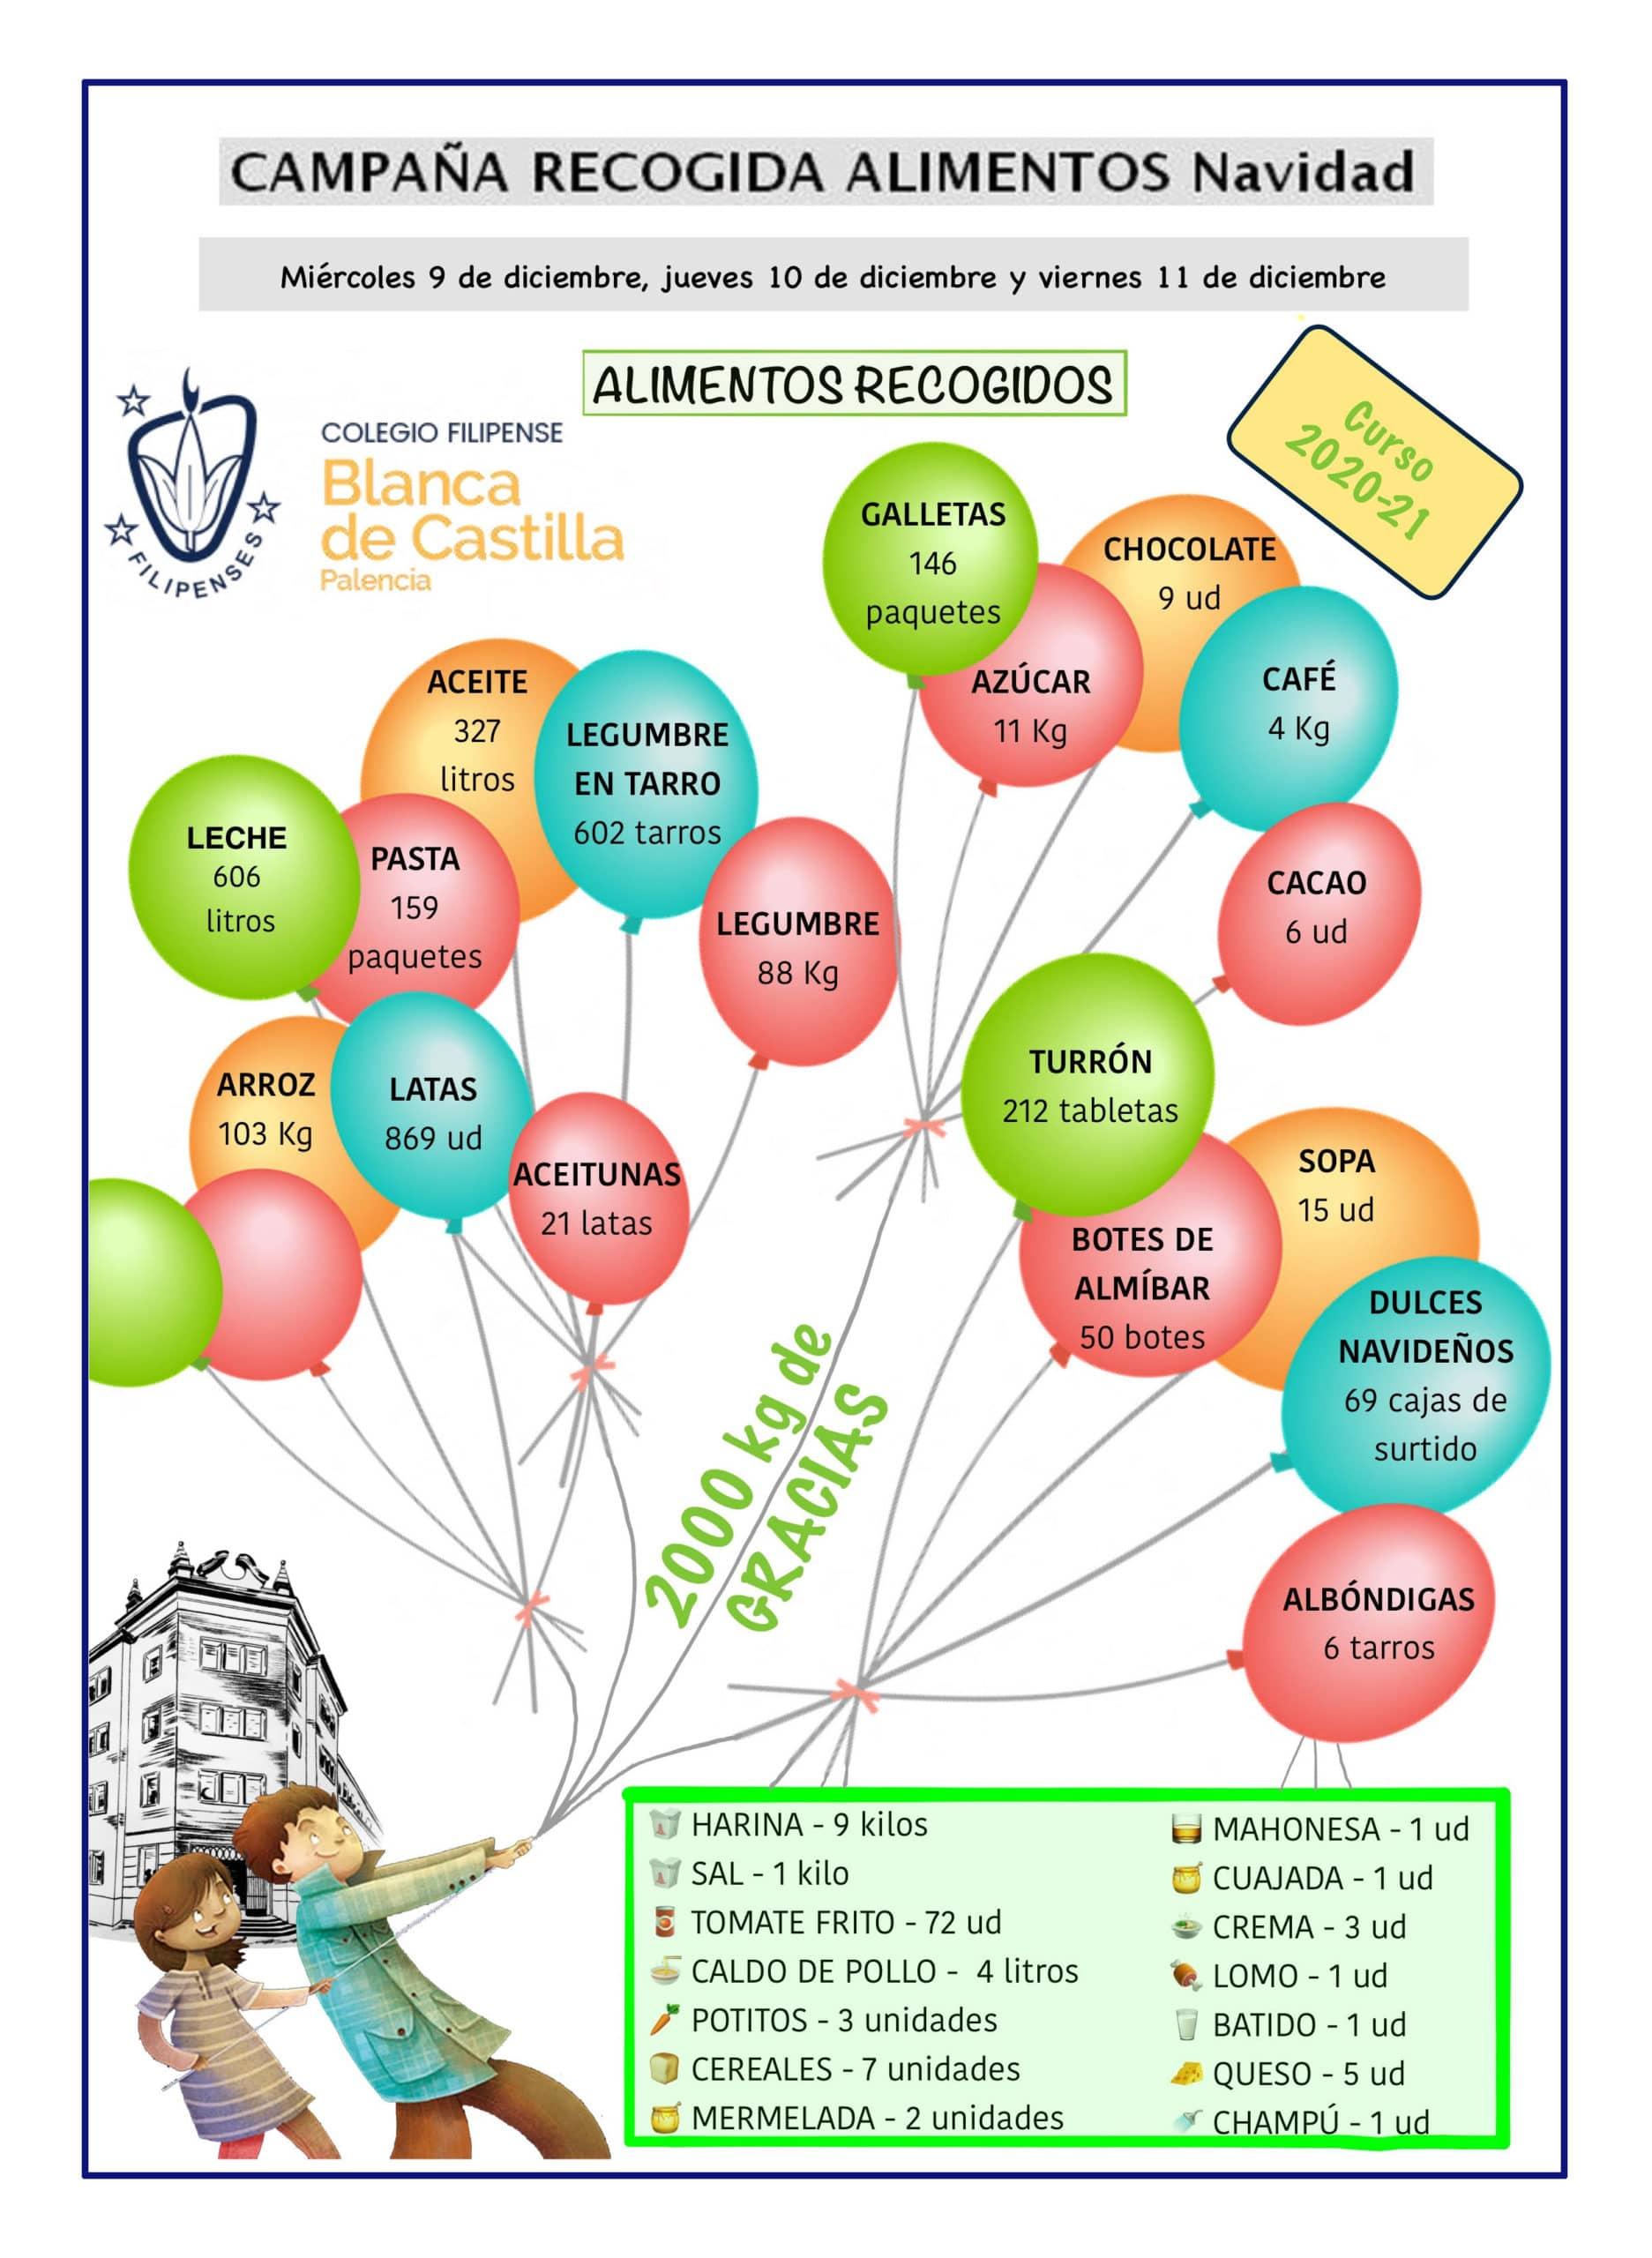 Campaña de recogida de alimentos 2020 del Colegio Blanca de Castilla de Palencia